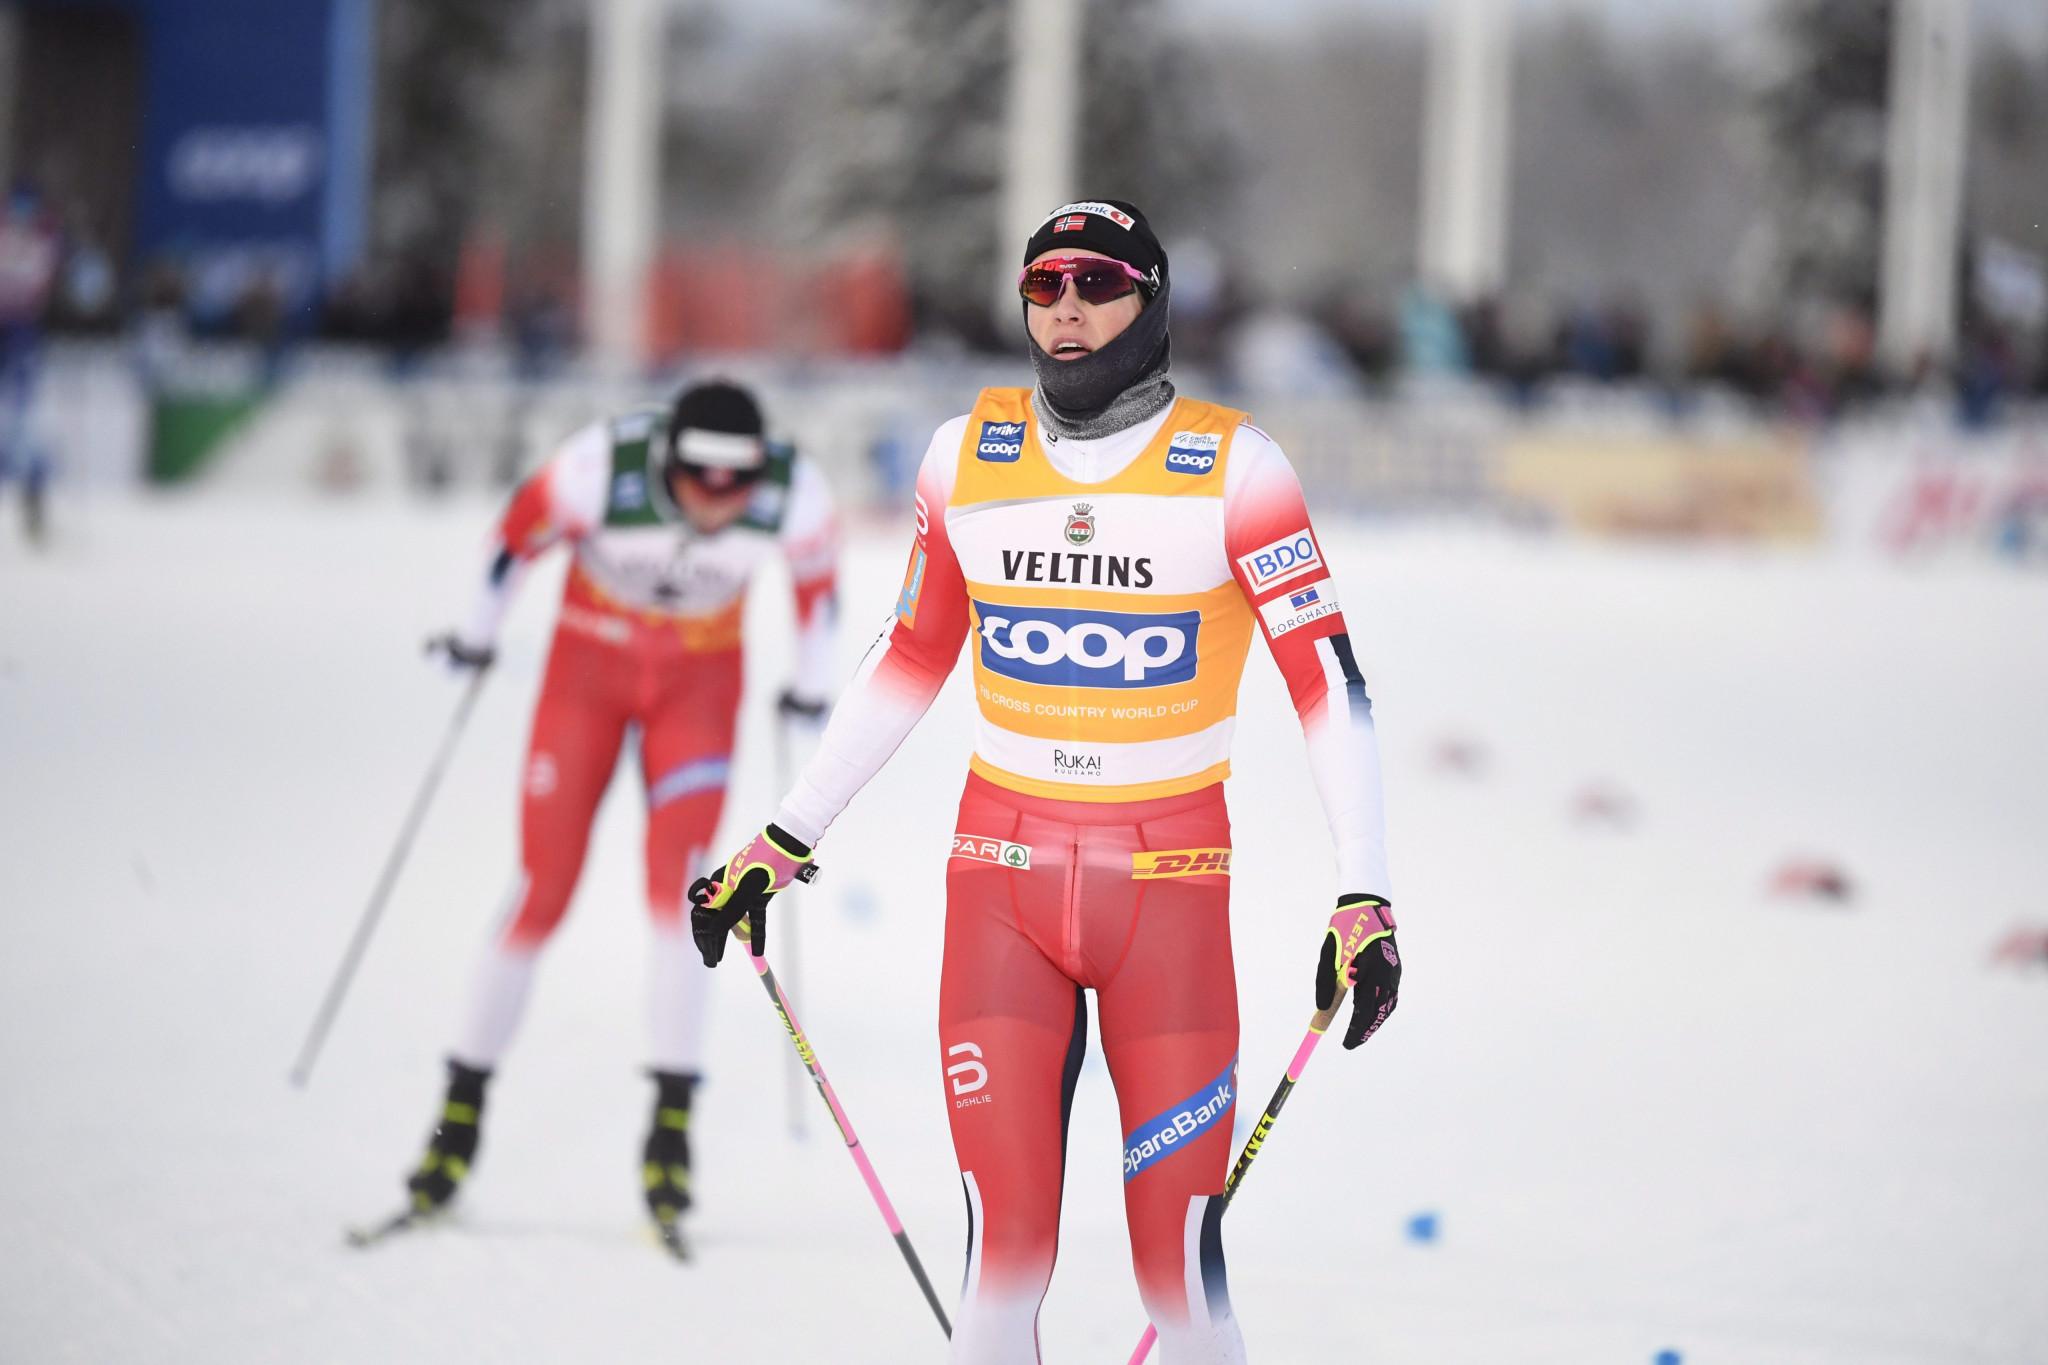 Norway's Johannes Høsflot Klæbo triumphed in the men's 15km pursuit event ©Getty Images